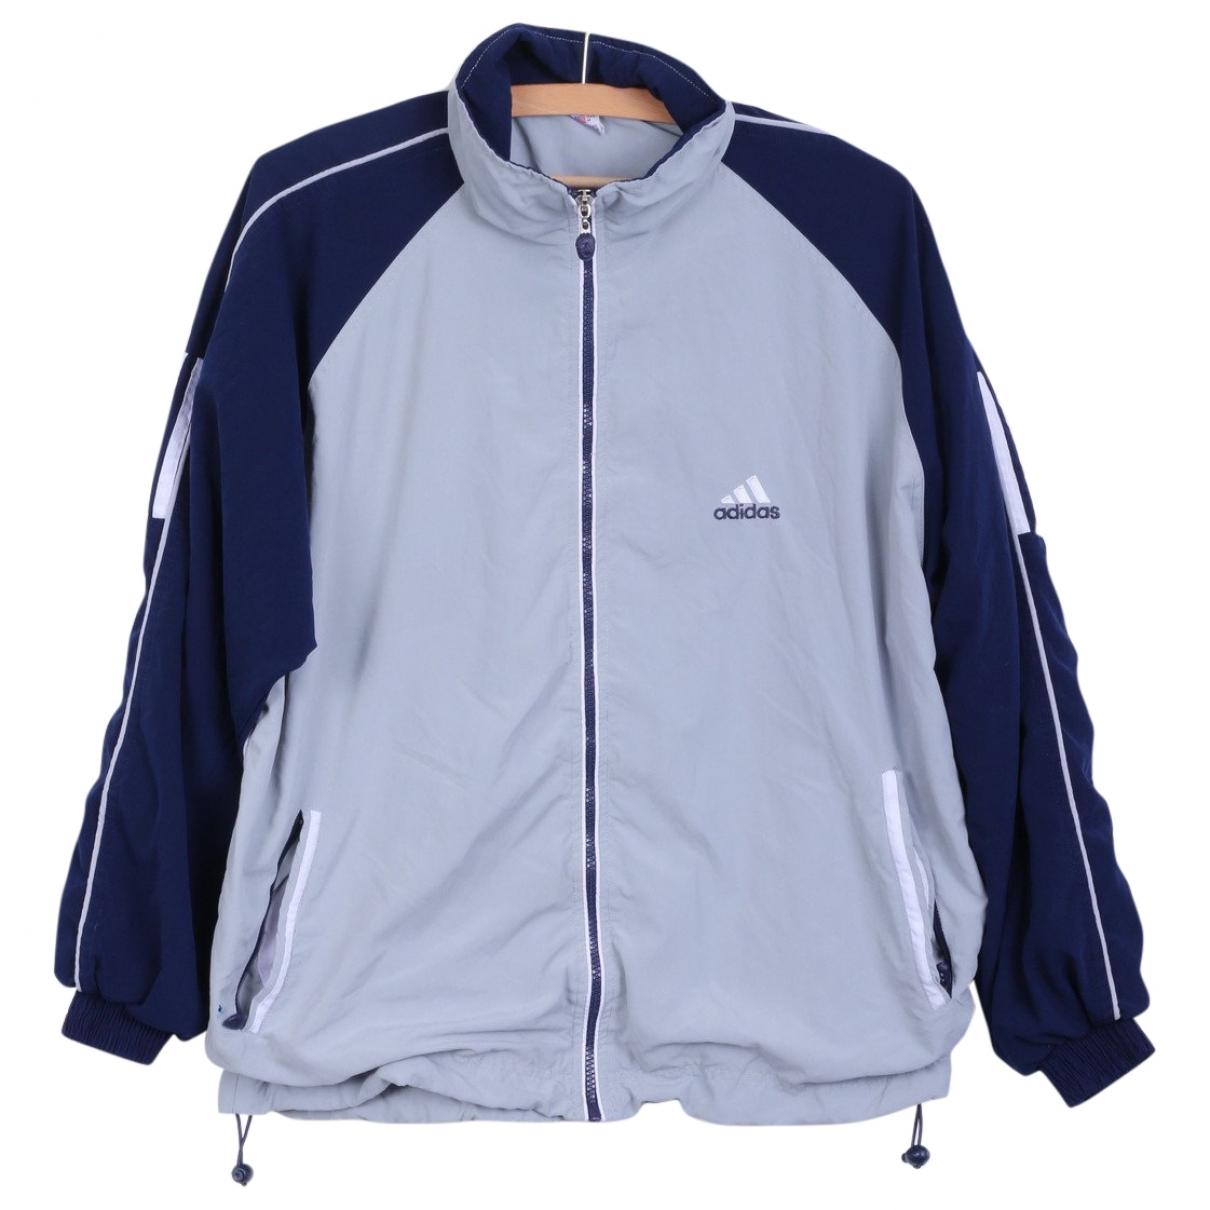 Adidas \N Jacke in  Grau Polyester